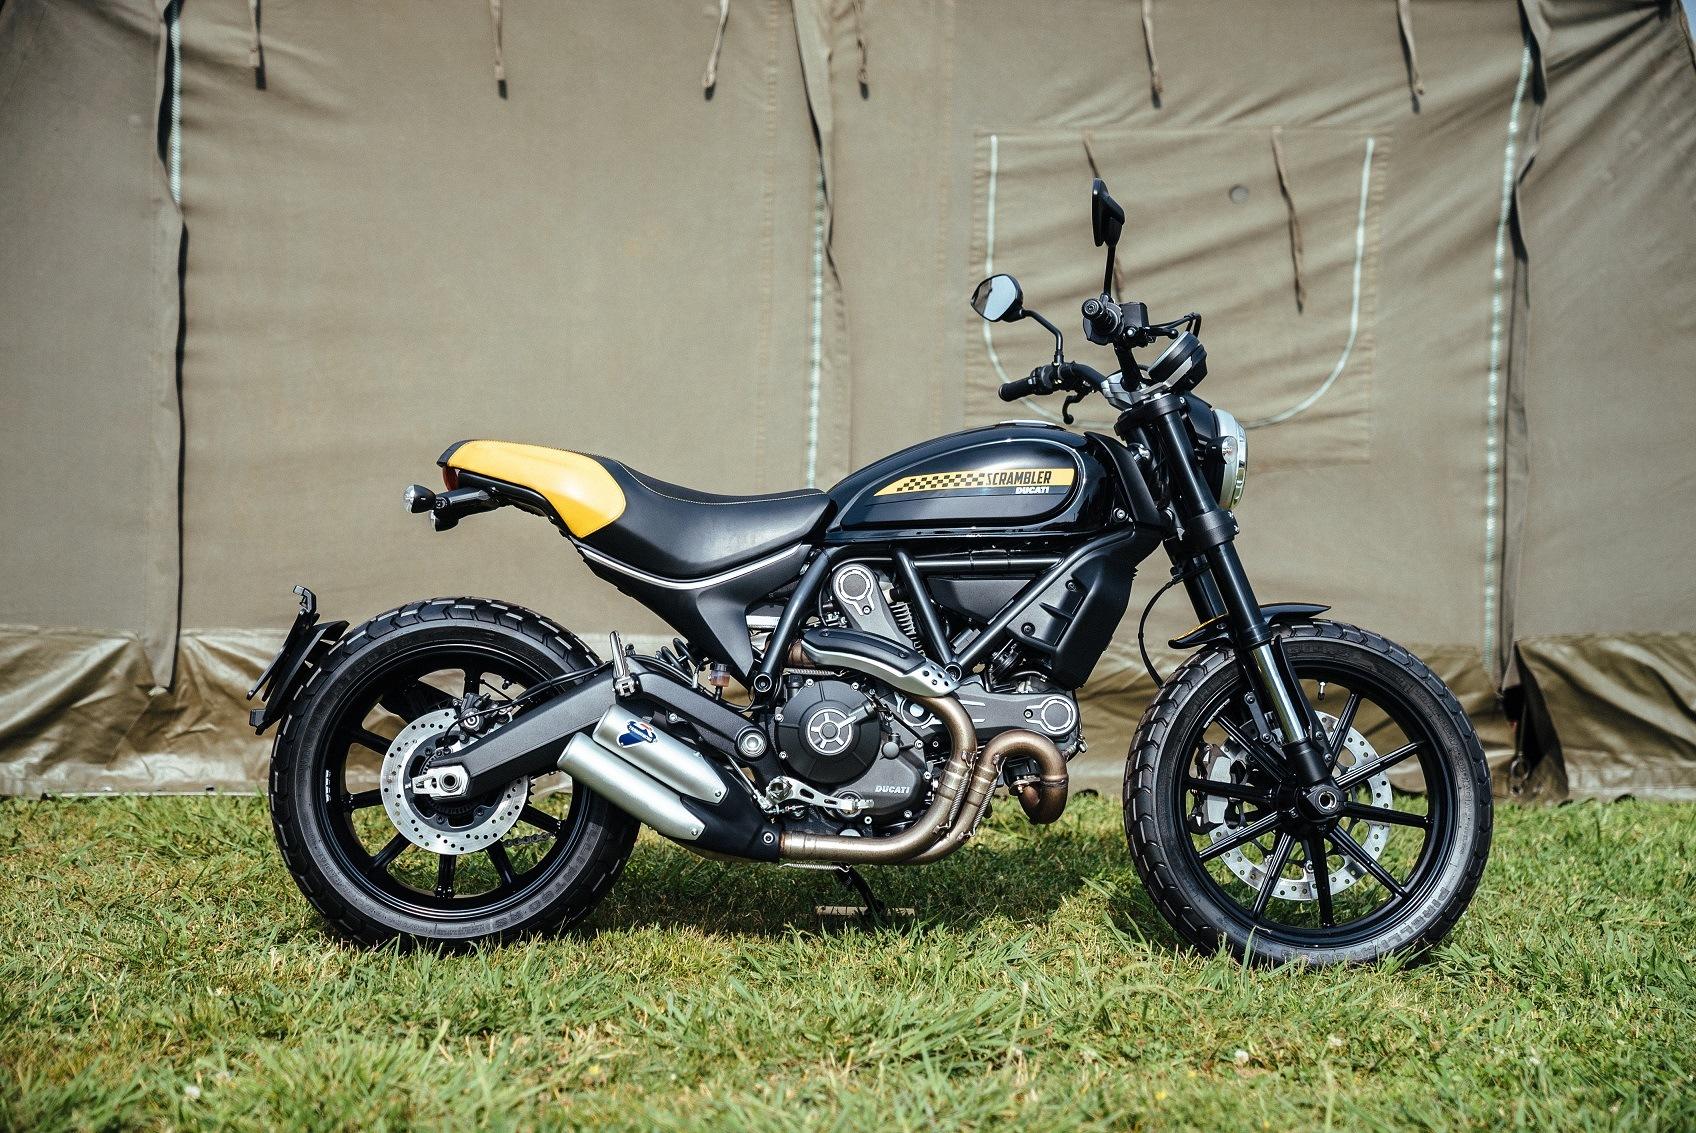 Ducati presenta dos modelos inéditos de su serie Scrambler